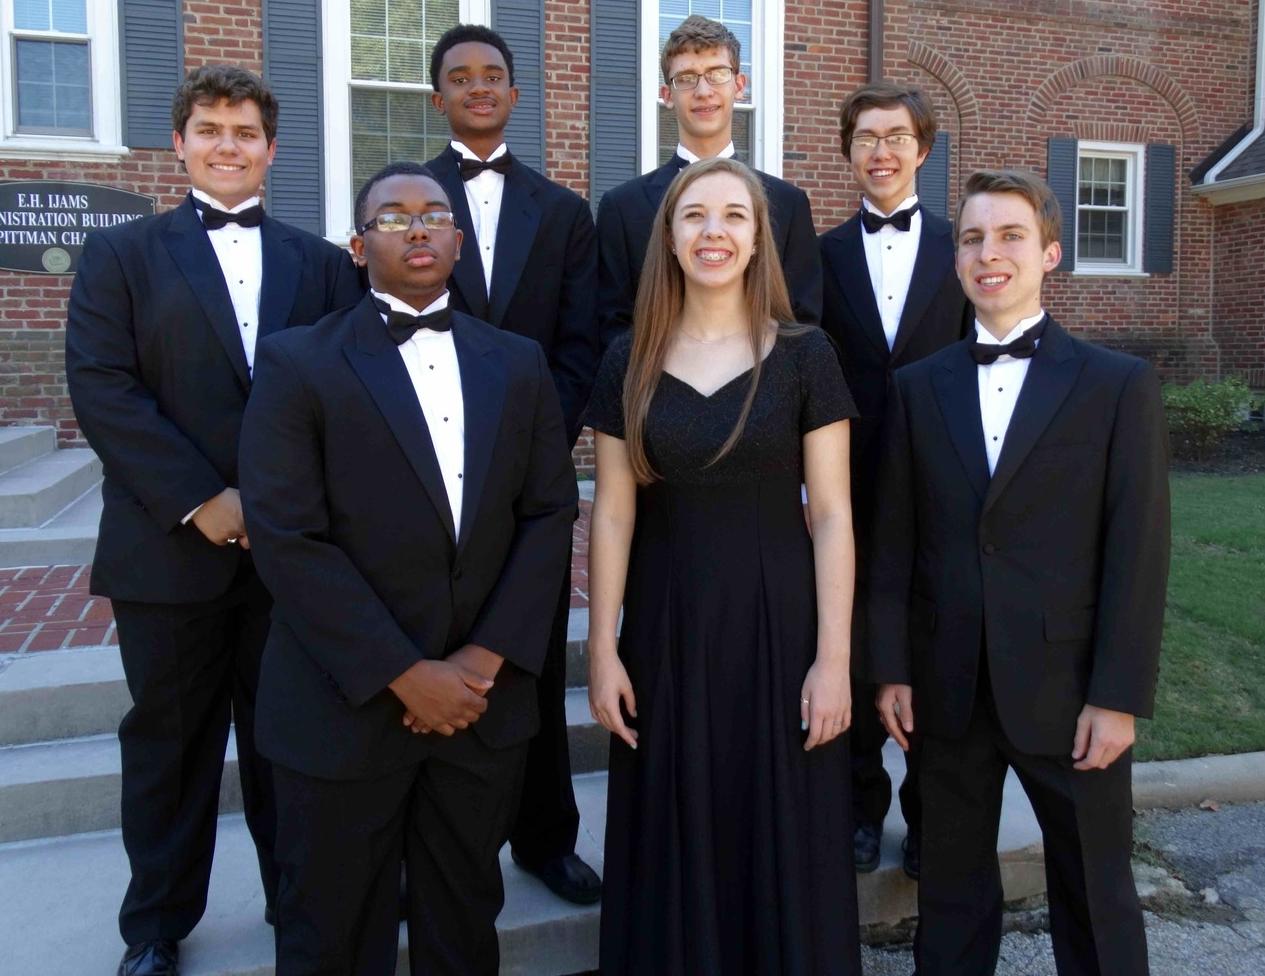 All Southwest Senior High  Front row L-R: Jordyn McNeil (11) - Tenor 2, 14th chair; Cameron Donlin (9) - Soprano 2, 19th chair; Zach Riedel (12) - Tenor 2, 22nd chair Back row L-R: John Shanklin (12) - Bass 1, 16th chair; Julian Isabel (10) - Bass 2, 20th chair; Wilson Hughes (11) - Bass 2, 21st chair; Caleb Cranford (11) - Bass 1, 7th chair